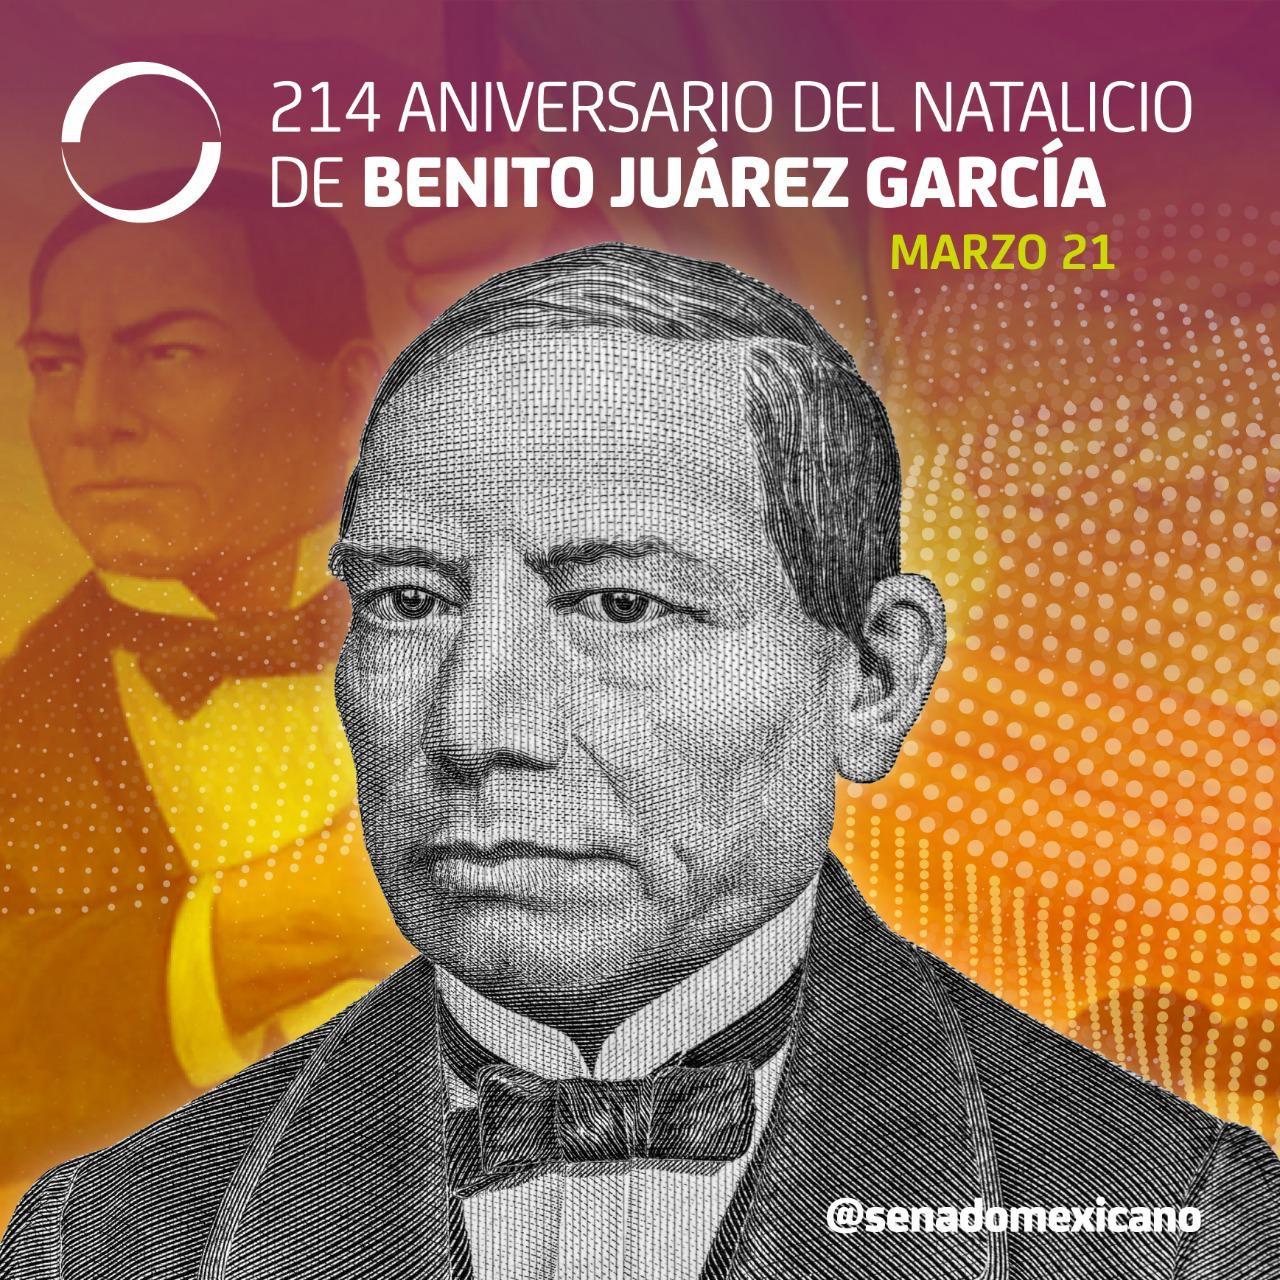 214 Aniversario del Natalicio de Benito Juárez García